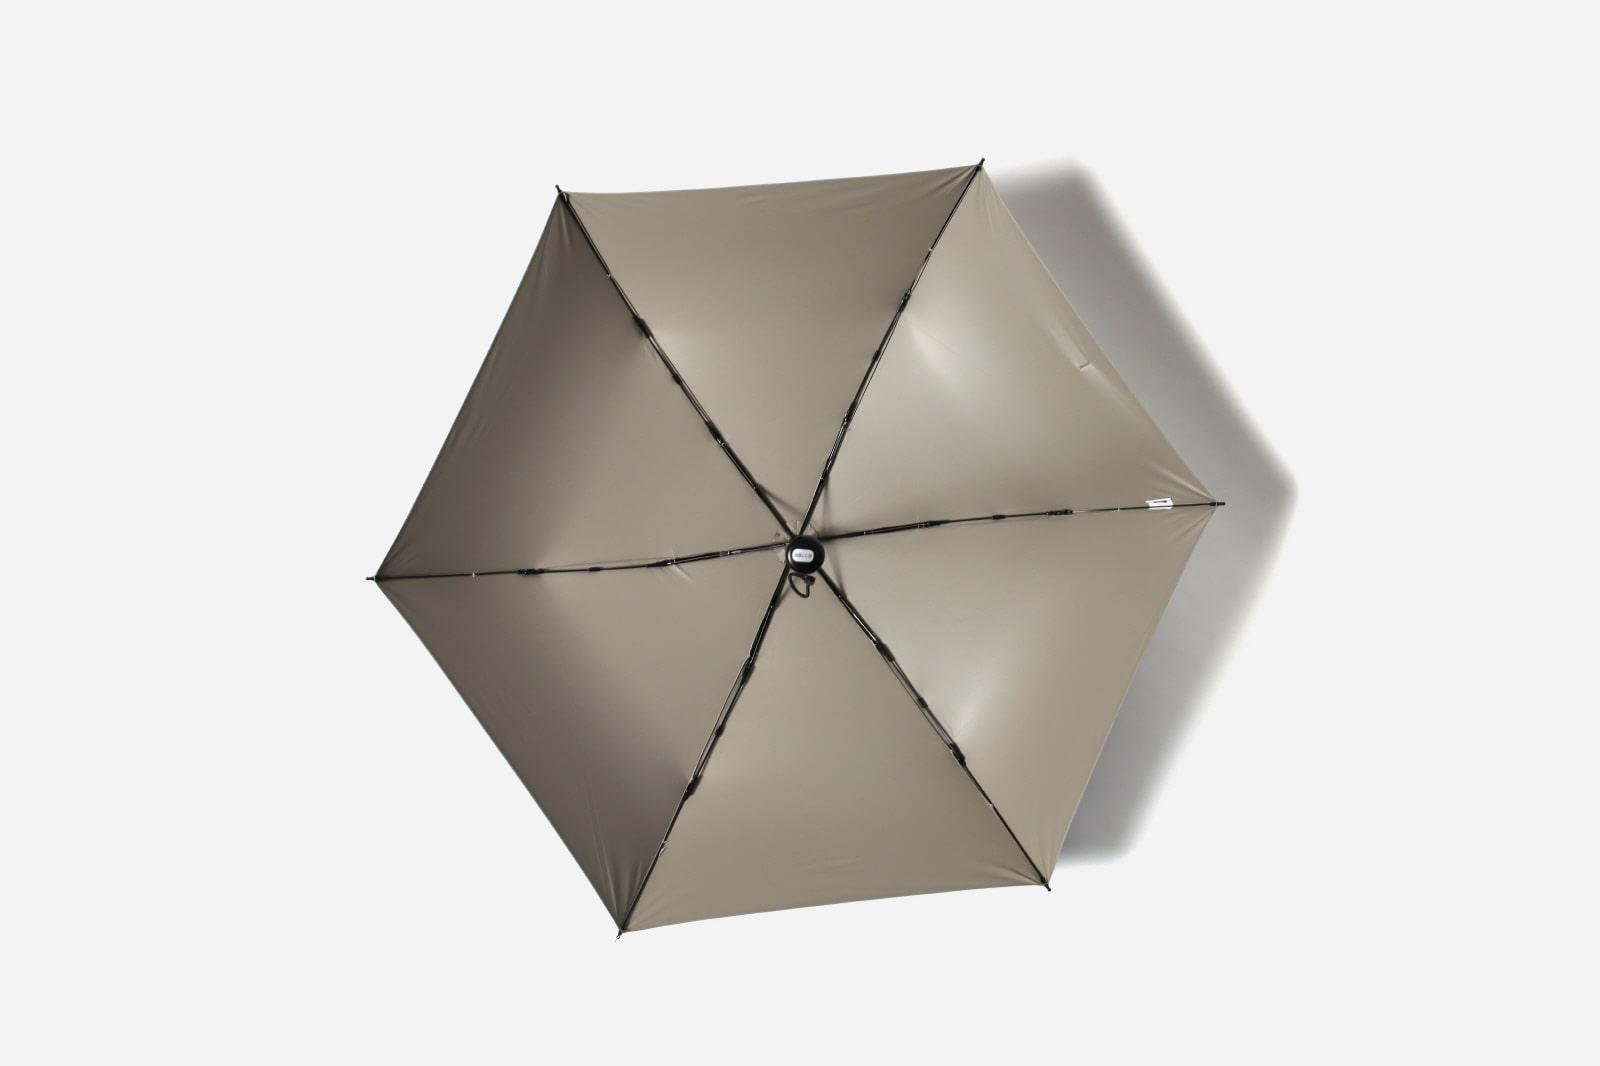 파라체이스(PARACHASE) 3248 여성용 초경량 3단 수동 우산 - 양산겸용